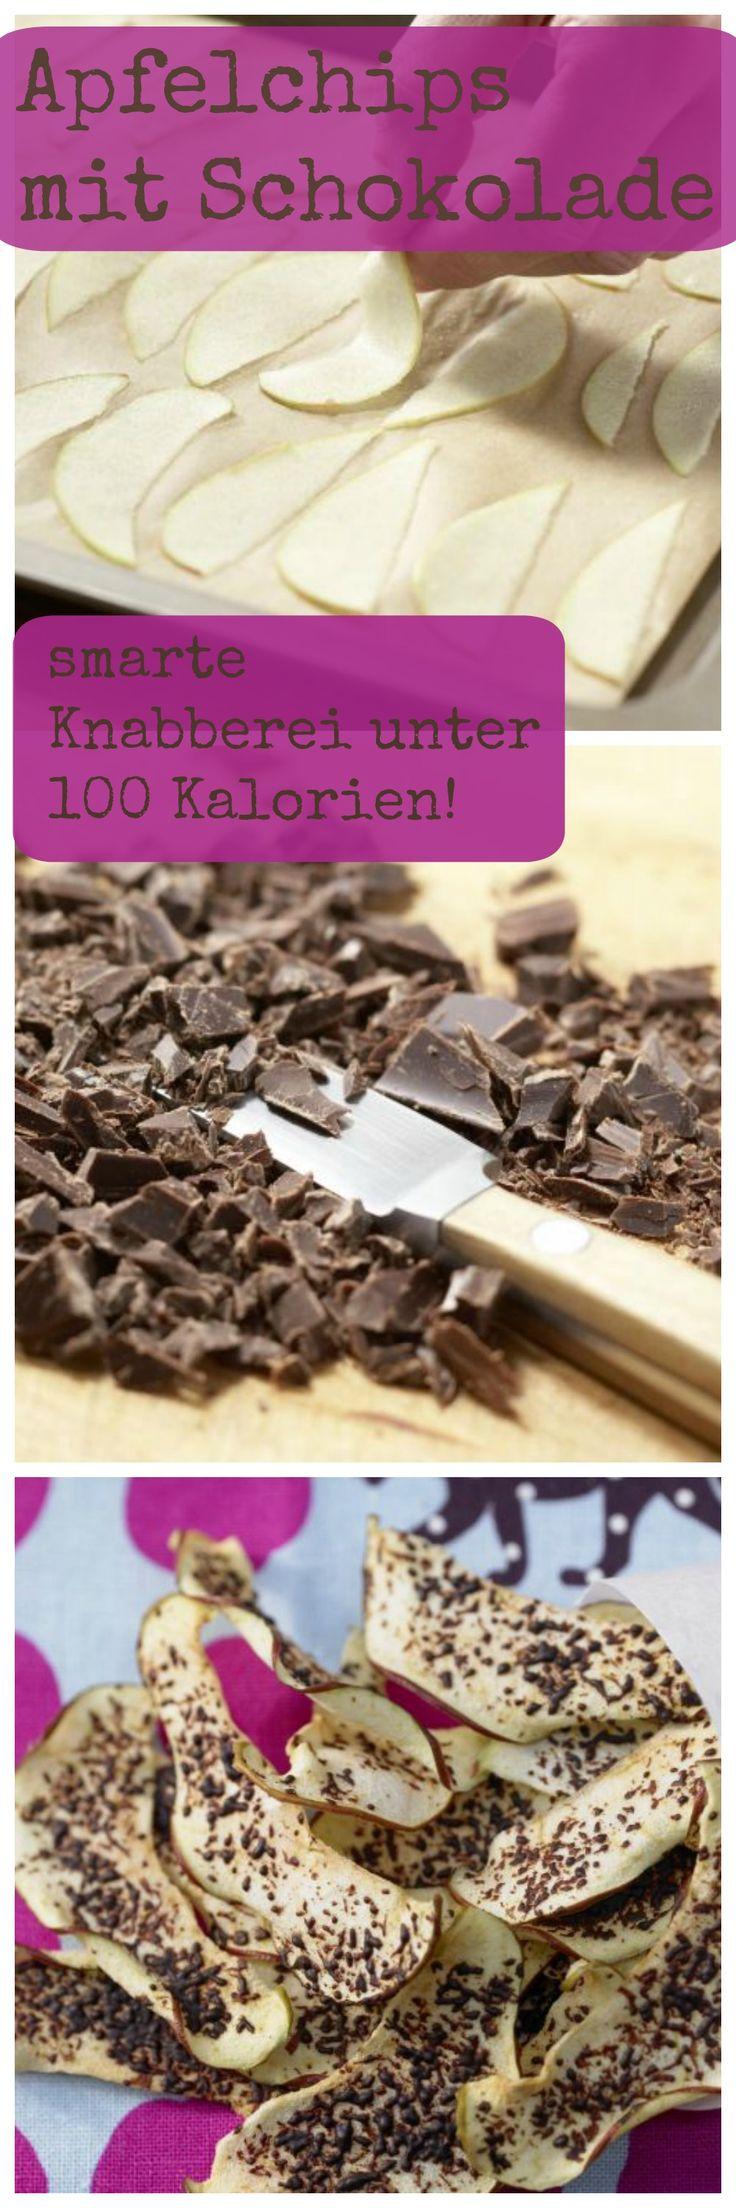 Diese kalorienarme Knabberei schmeckt nicht nur Kindern: Apfelchips mit Schokolade | http://eatsmarter.de/rezepte/apfelchips-schokolade